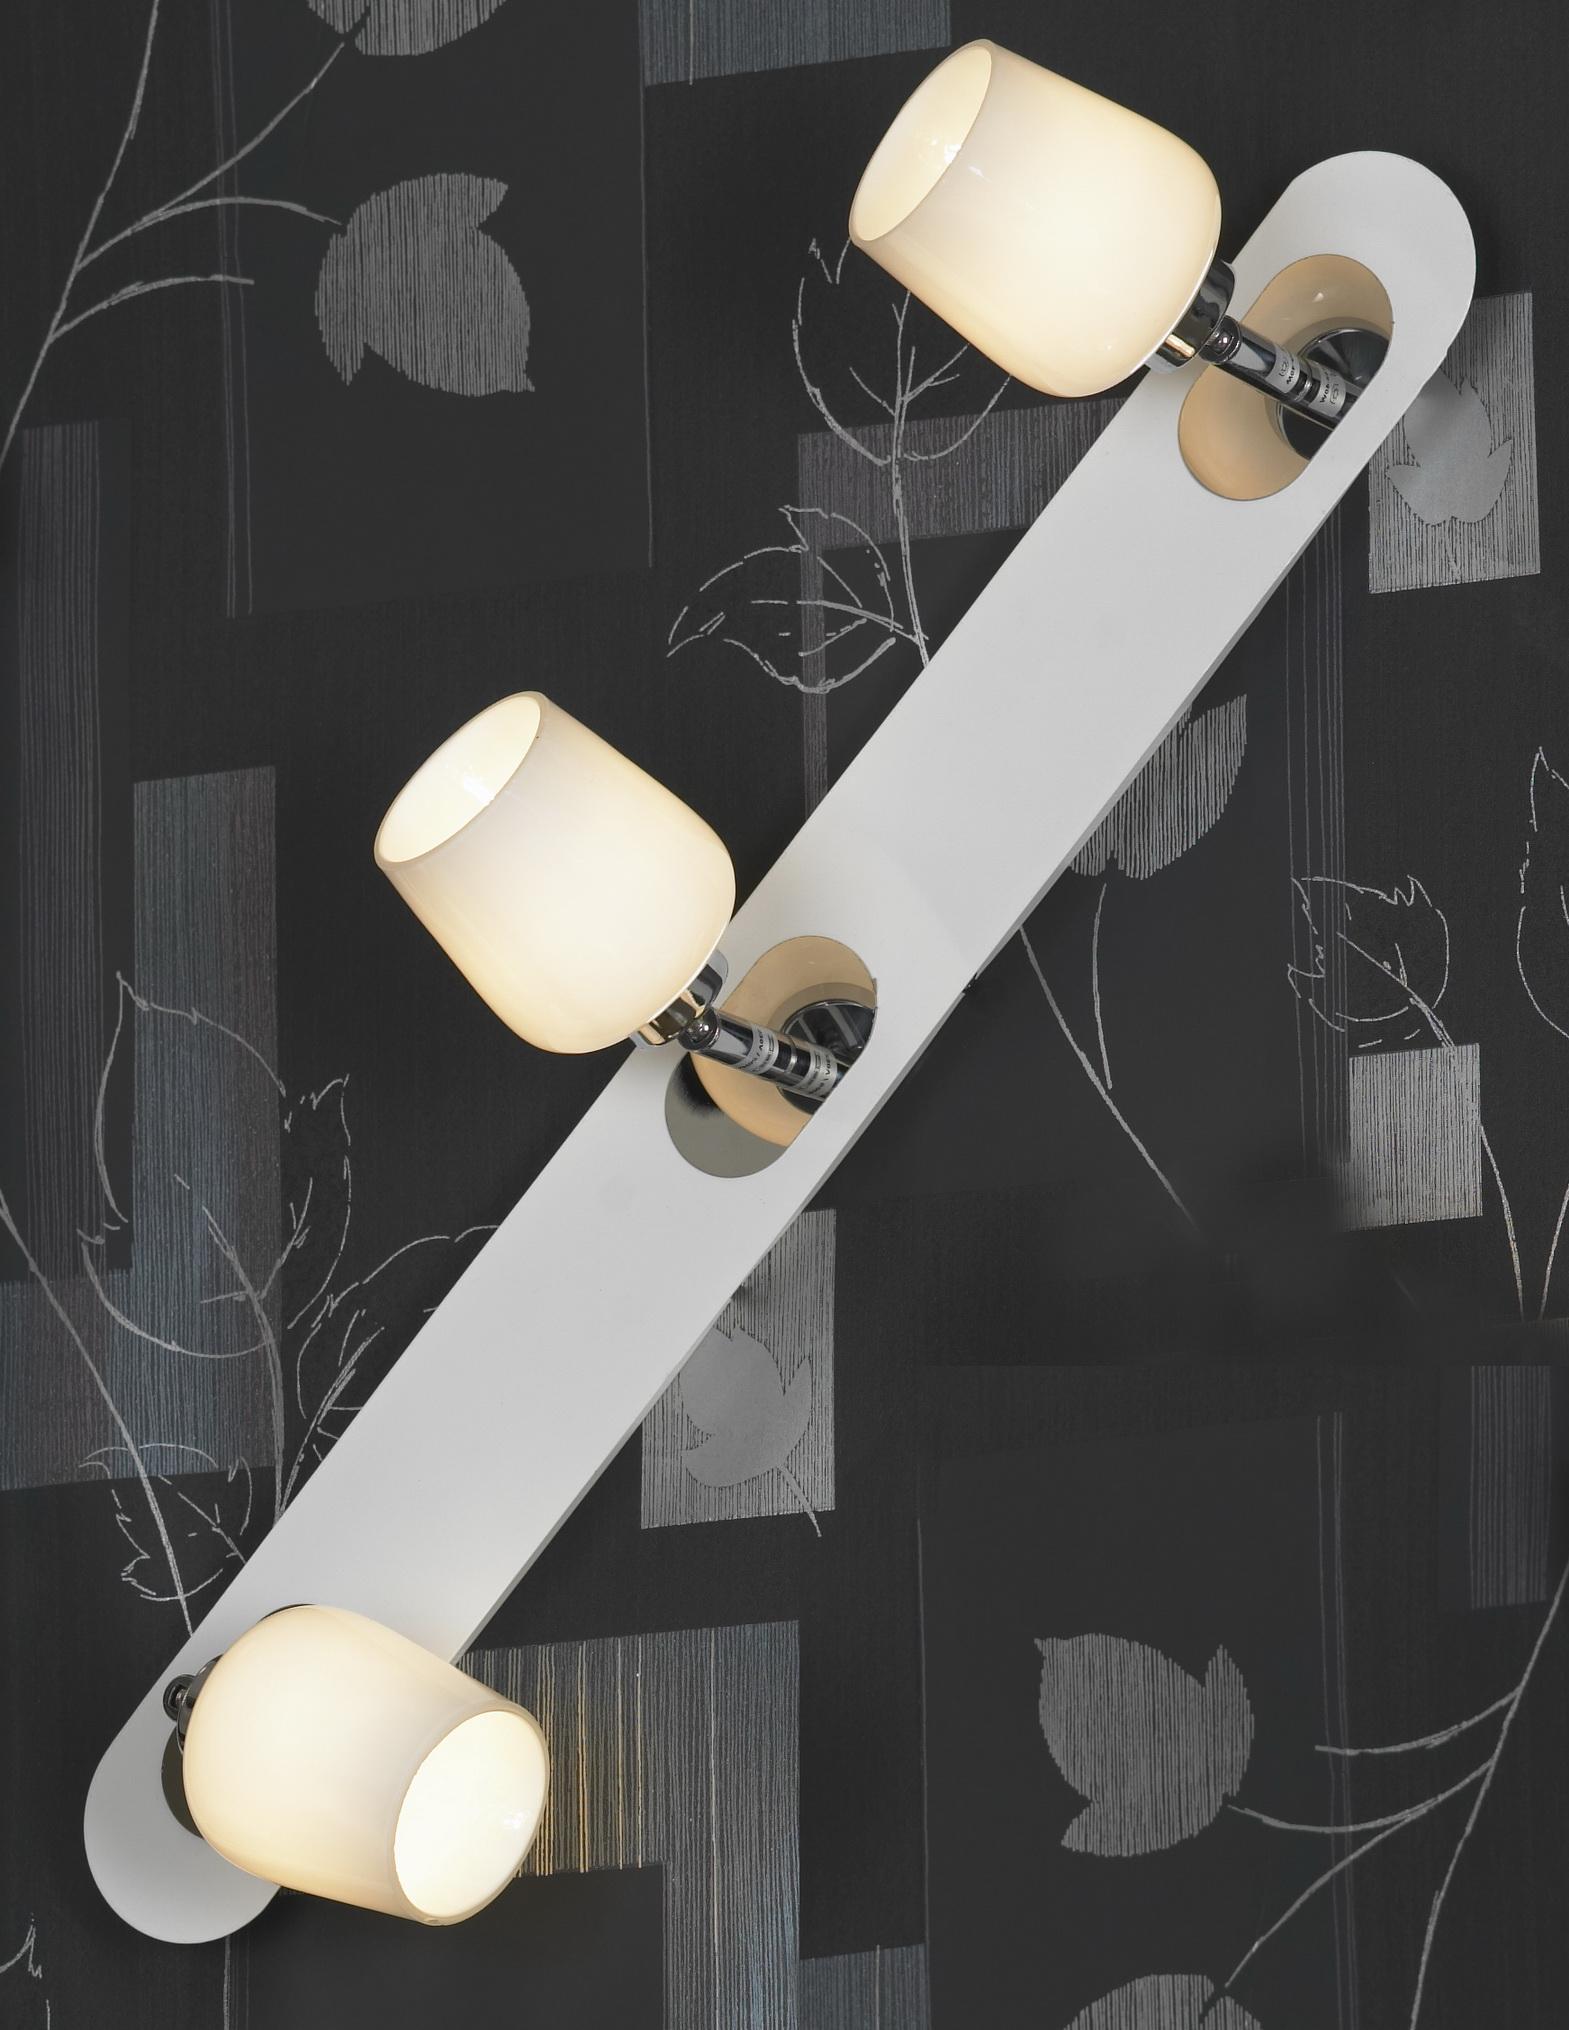 Спот LussoleСпоты<br>Тип: спот, Стиль светильника: модерн, Материал светильника: металл, стекло, Количество ламп: 3, Тип лампы: галогенная, Мощность: 40, Патрон: G9, Цвет арматуры: хром, Ширина: 130<br>